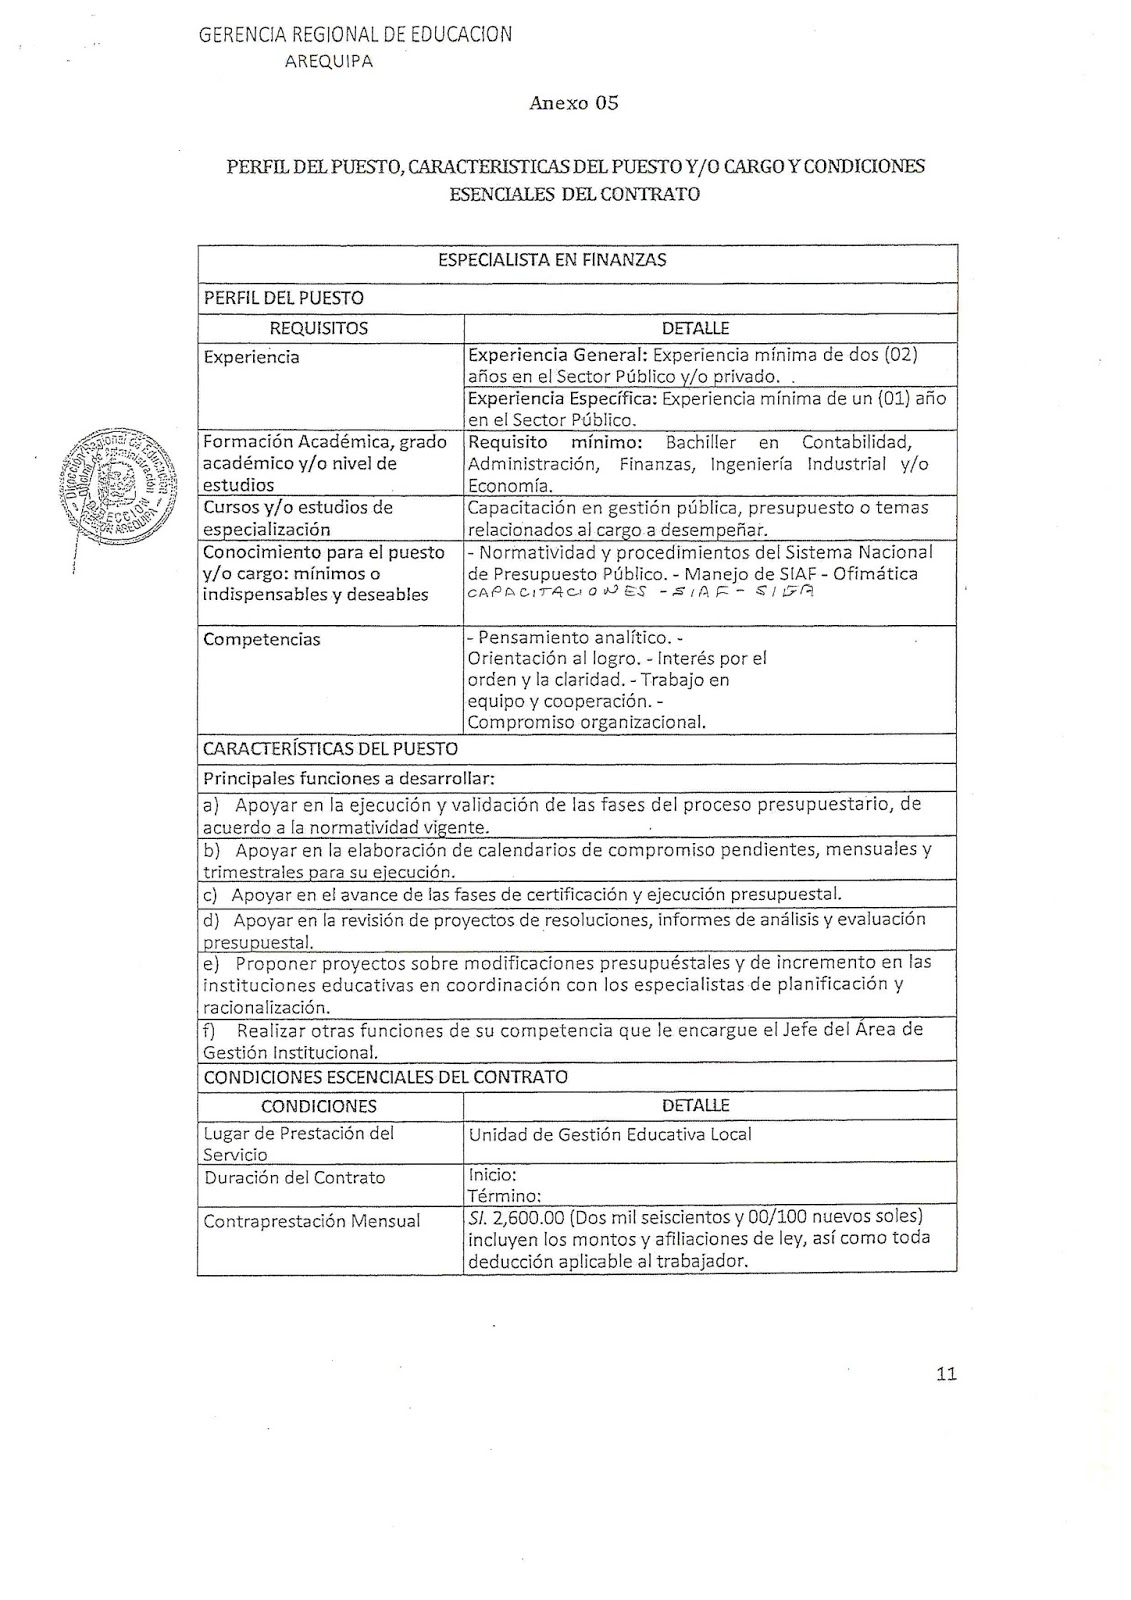 Segunda convocatoria para contrato cas ugel caman for Convocatoria de docentes 2016